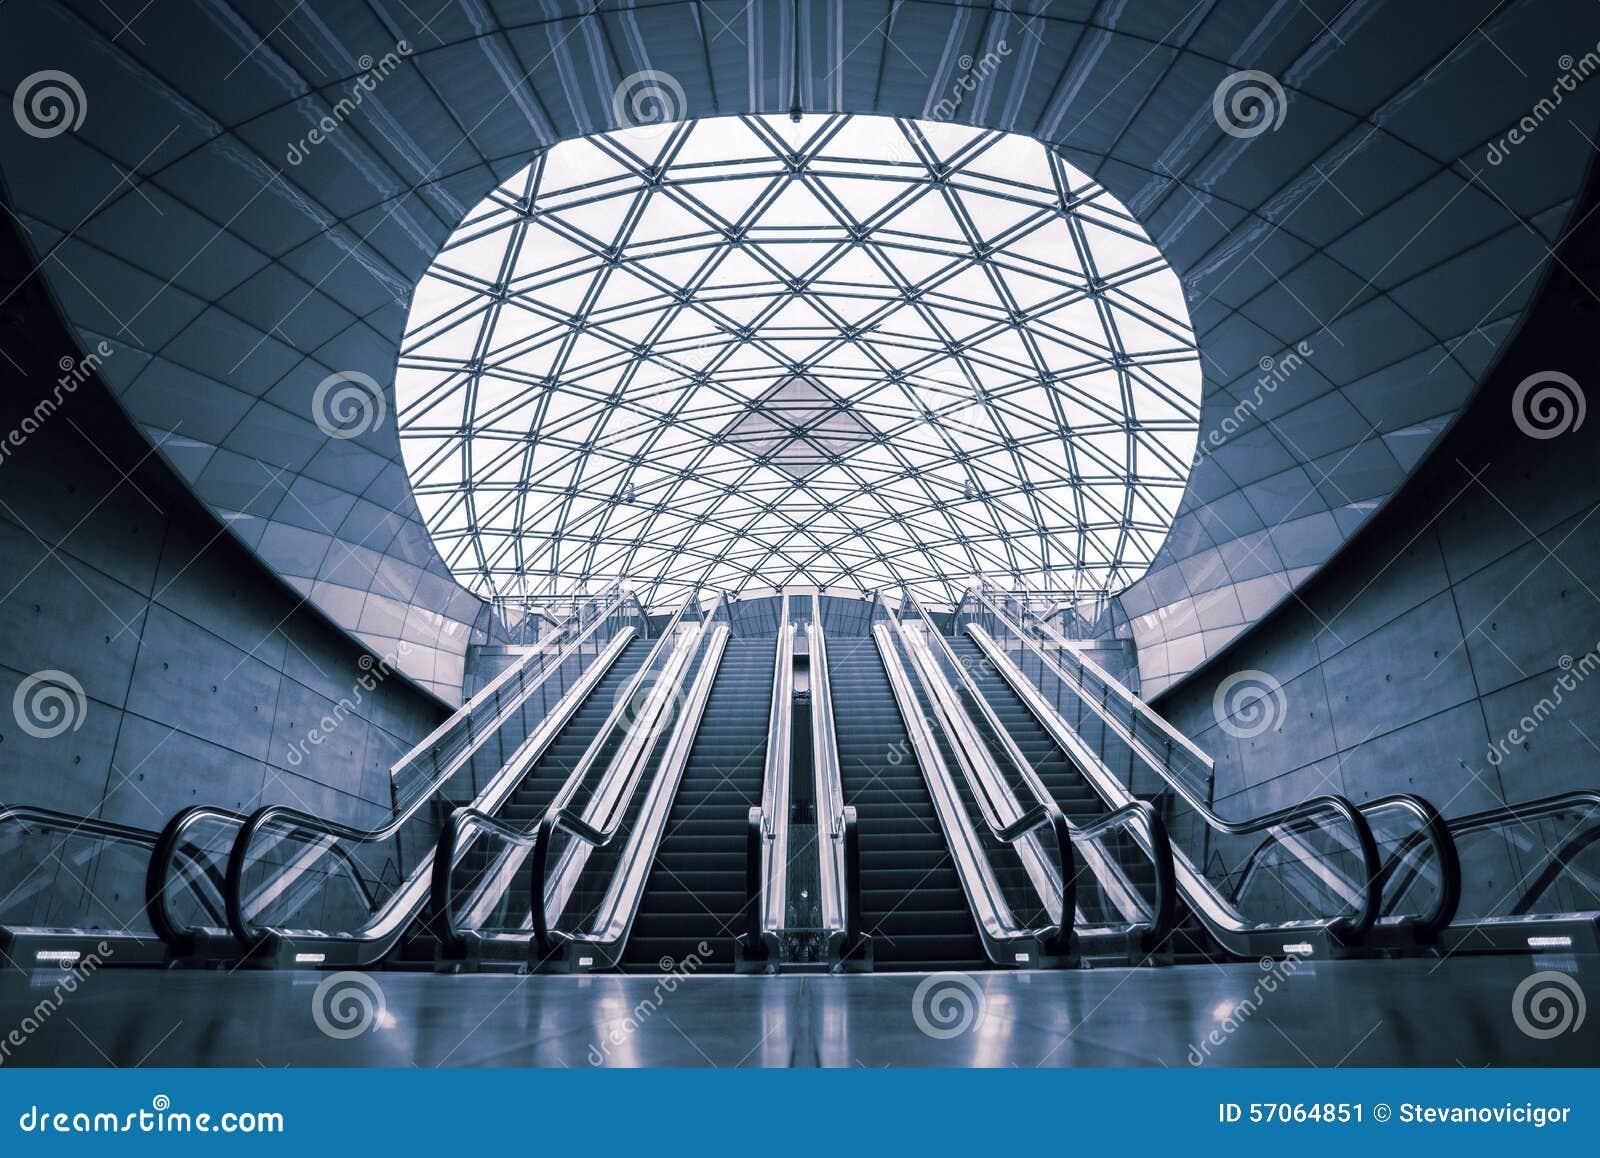 Zweeds Malmo Triangeln Station